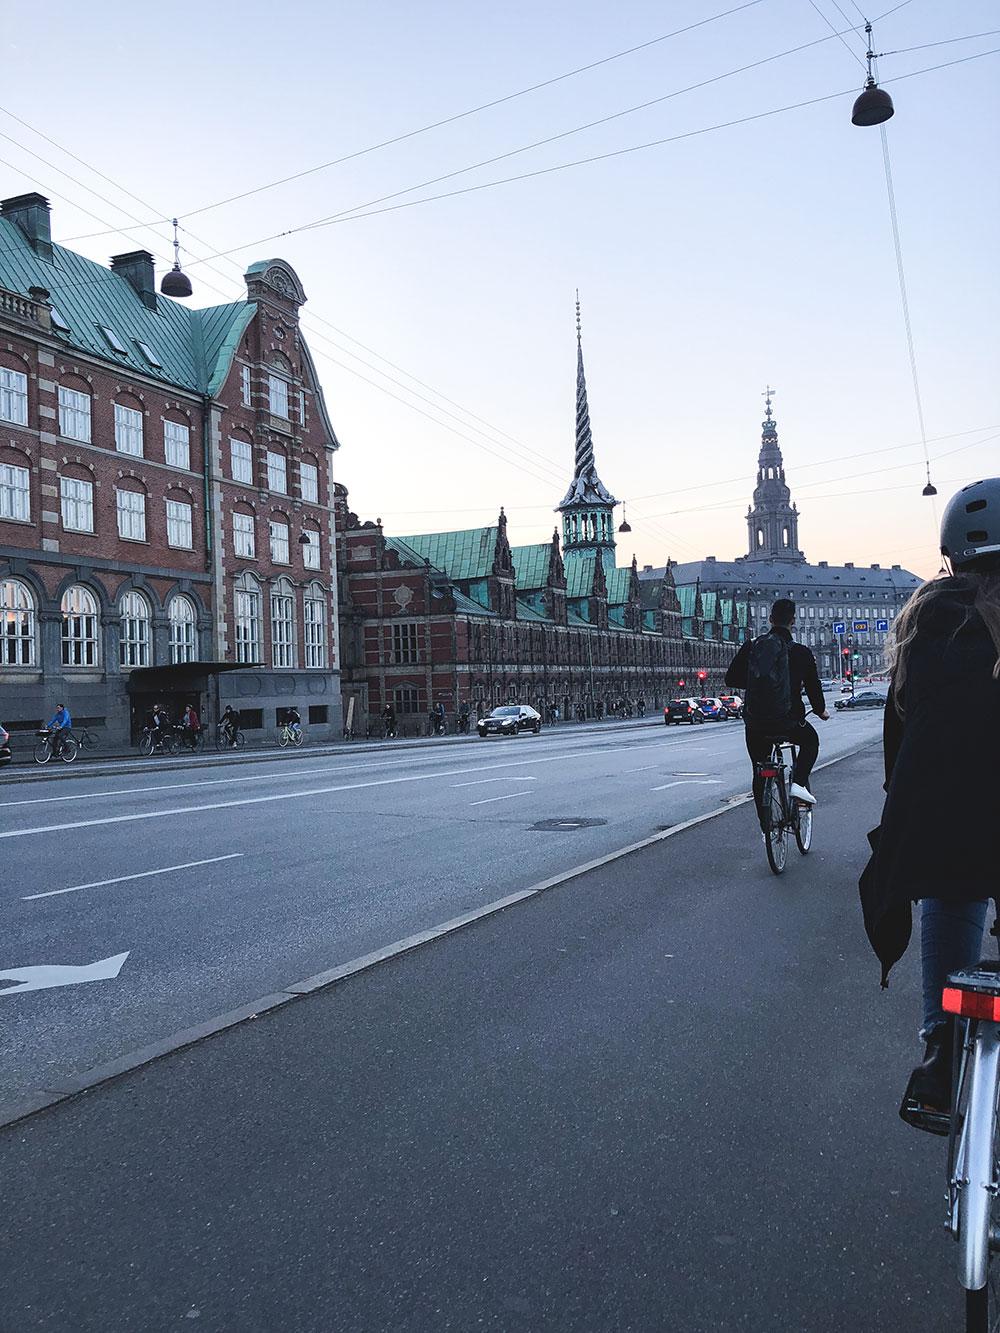 ferie i København med børn